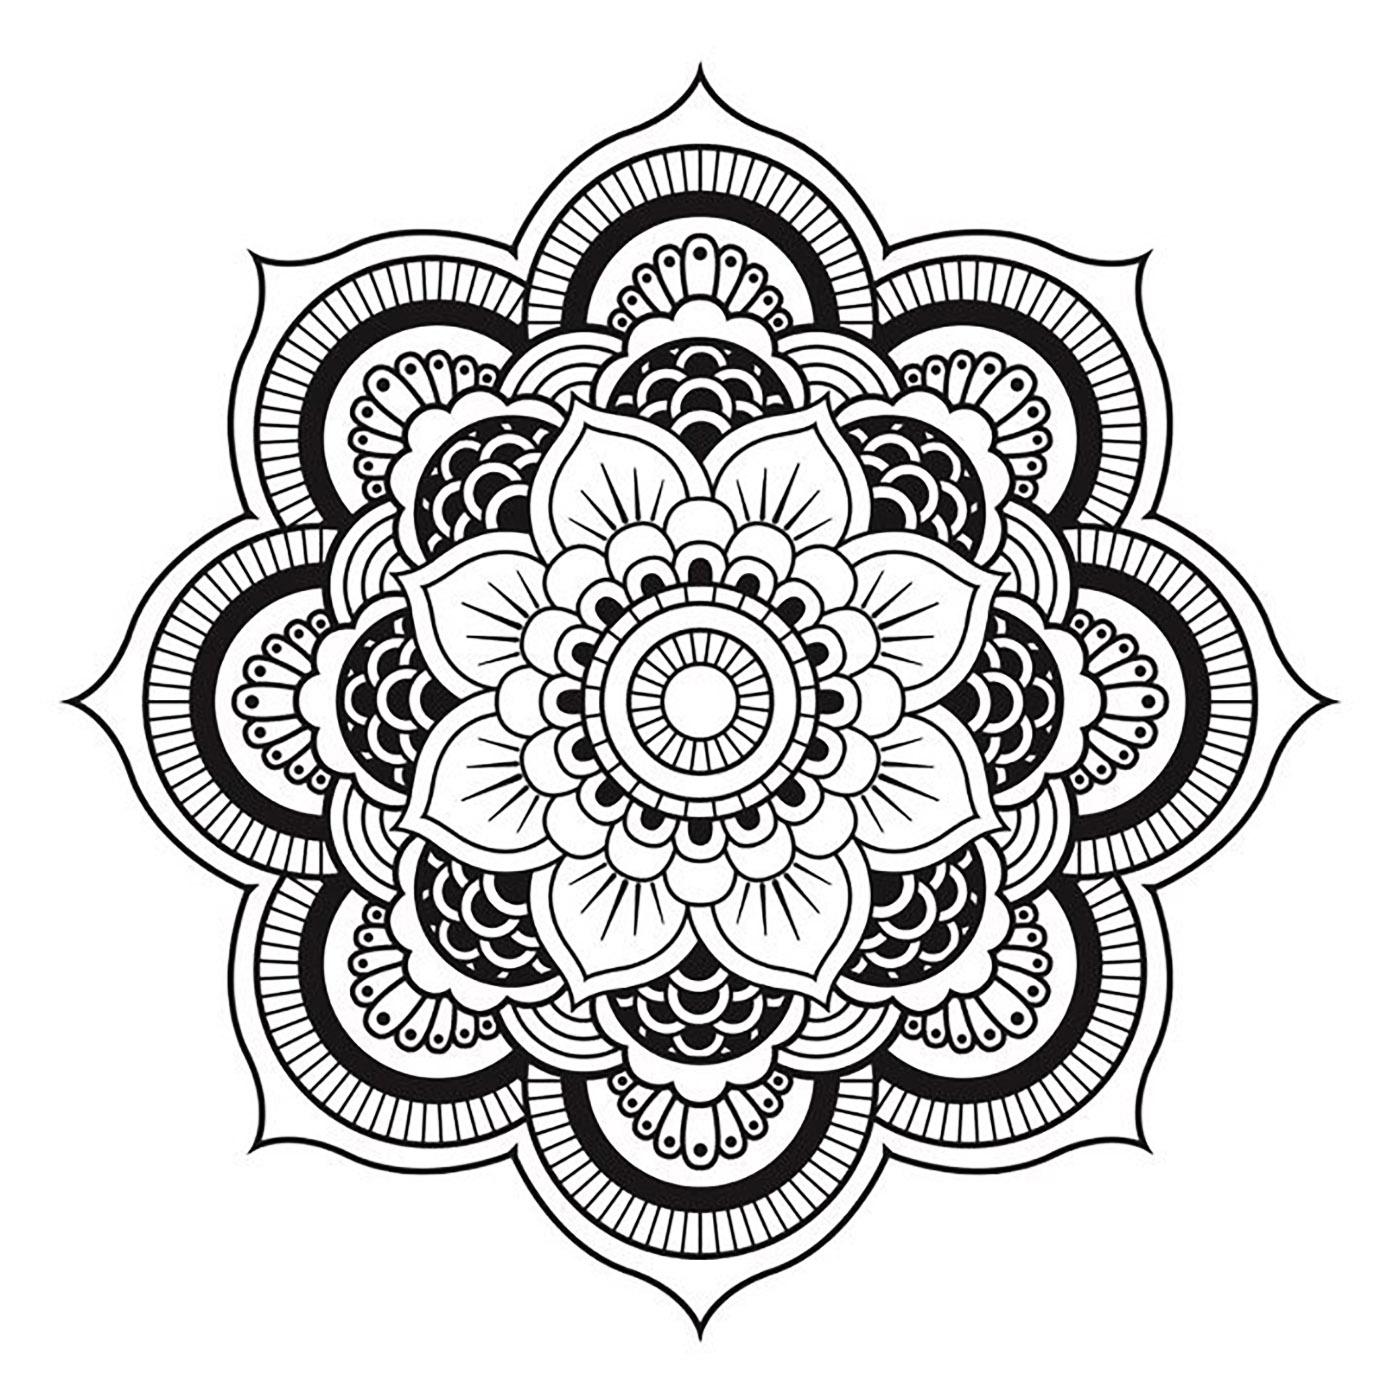 Mandala a telecharger et colorier fleur mandalas coloriages difficiles pour adultes - Coloriages mandalas fleurs ...